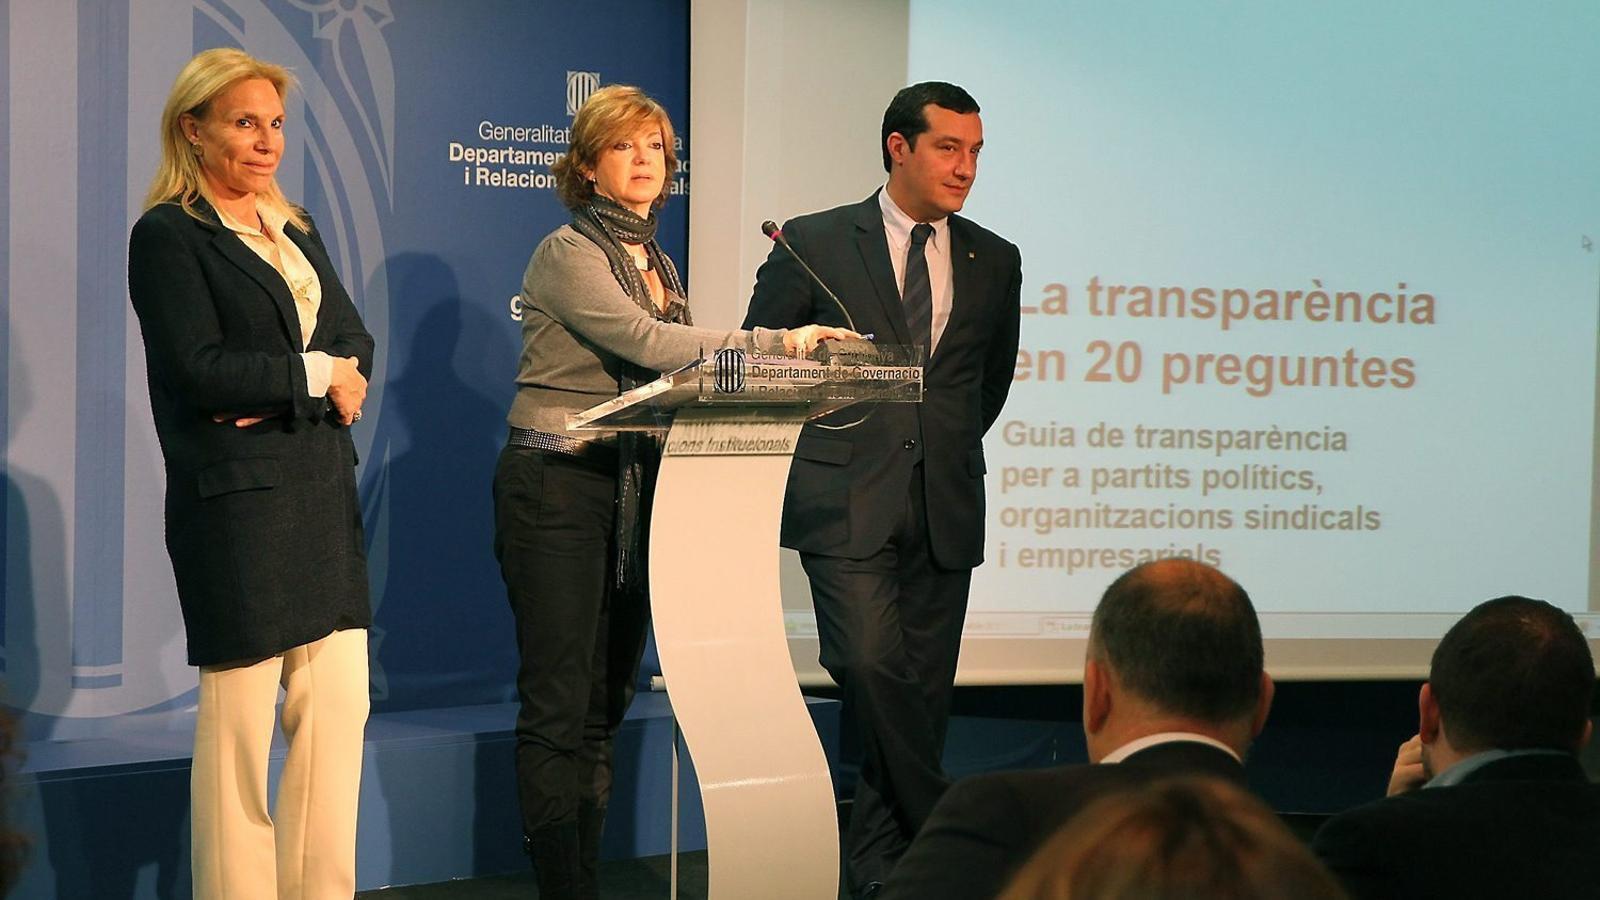 La magistrada Núria Bassols va ser nomenada comissionada de Transparència  del Govern de la Generalitat l'any 2015.